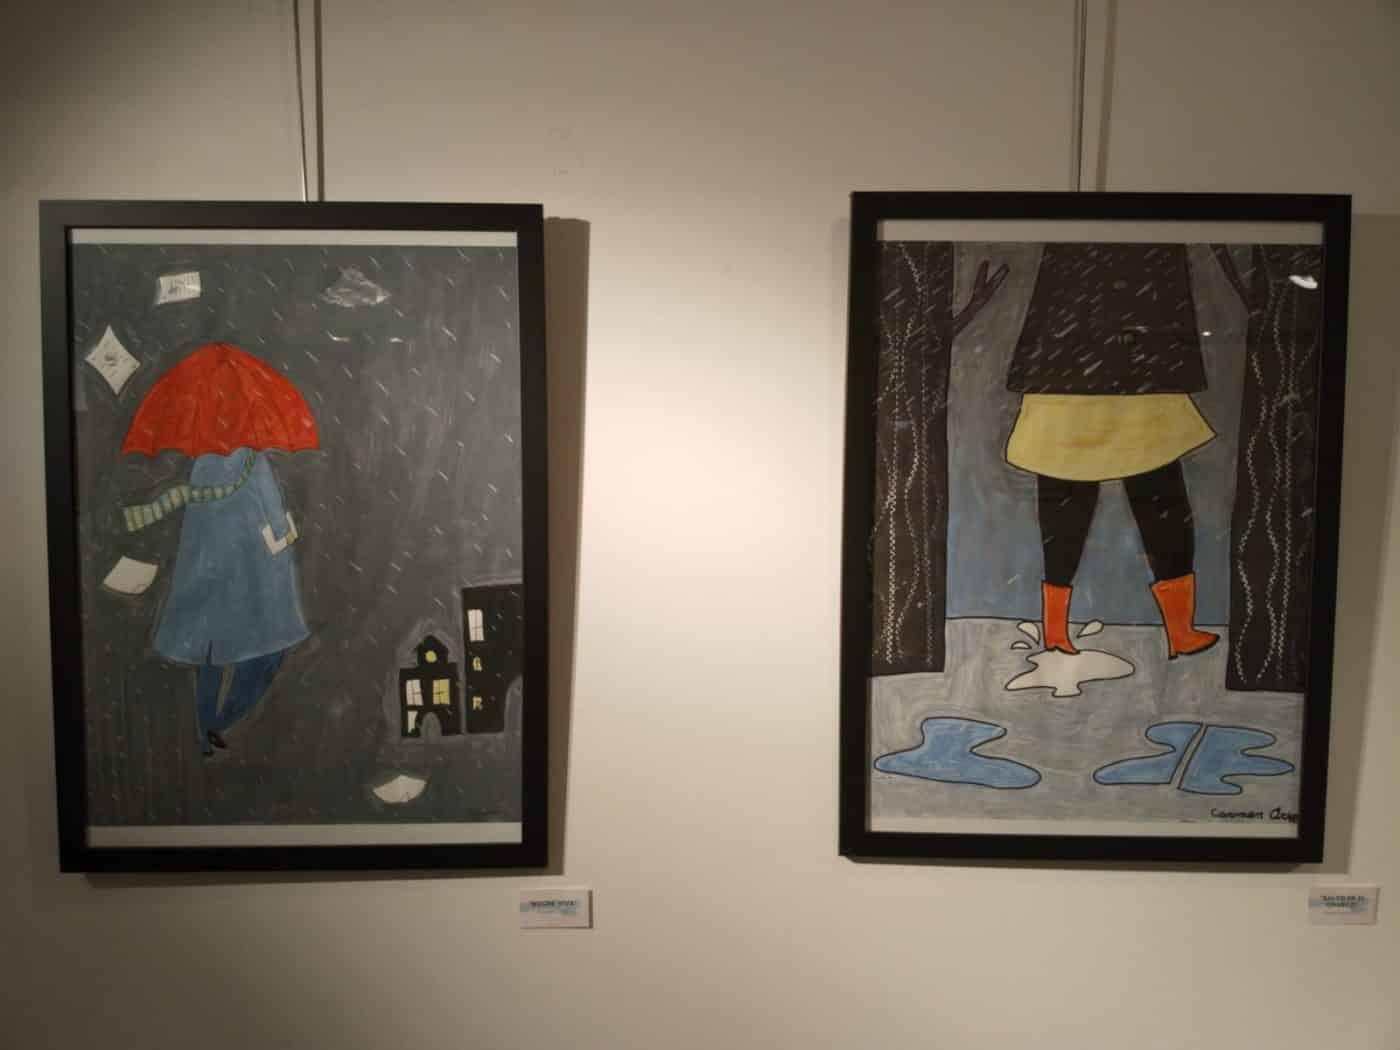 Arte como terapia: Las creaciones de los residentes del Hospital del Santo protagonizan la muestra 'ConFinArte' 3